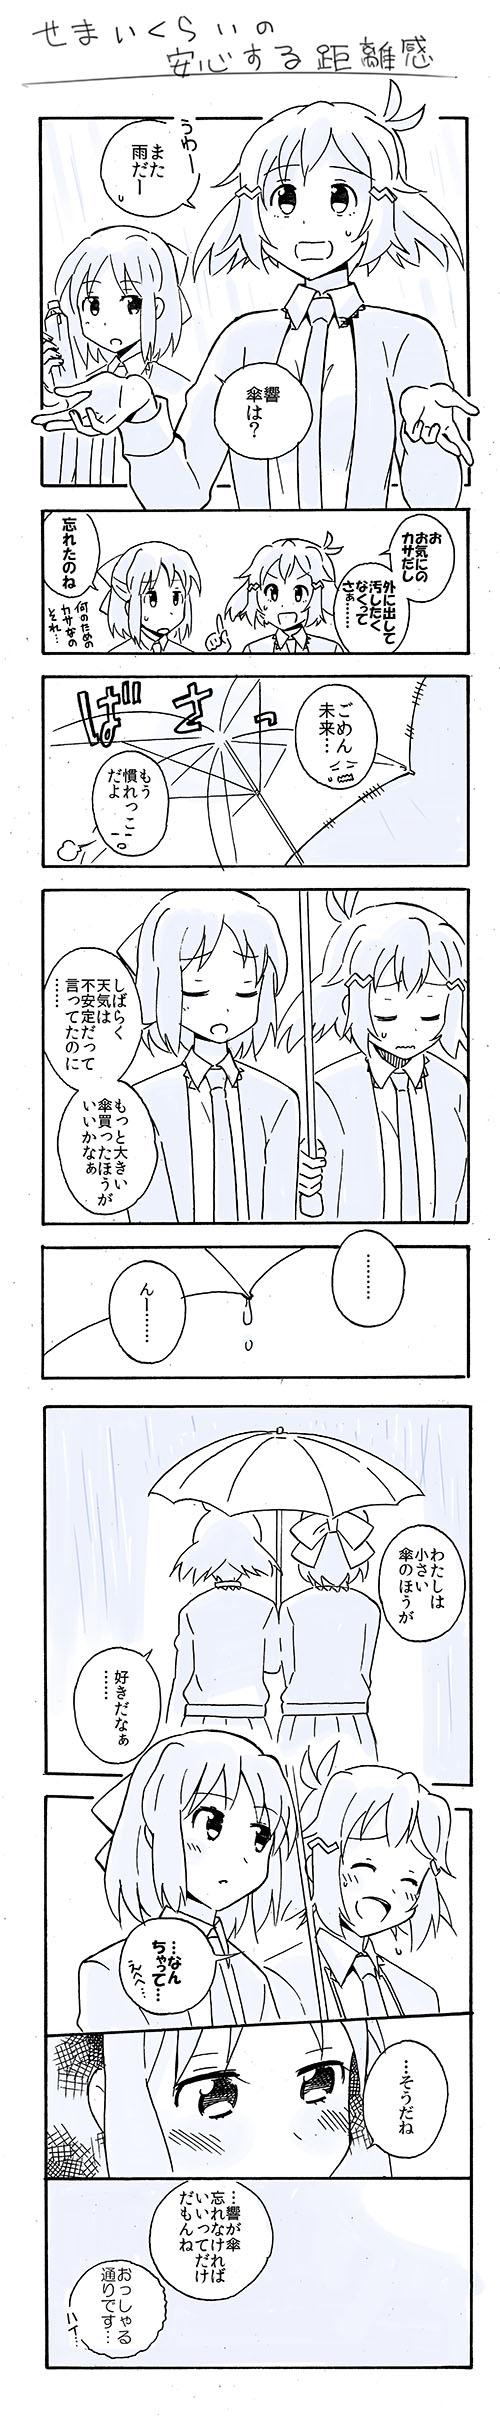 201309110231.jpg